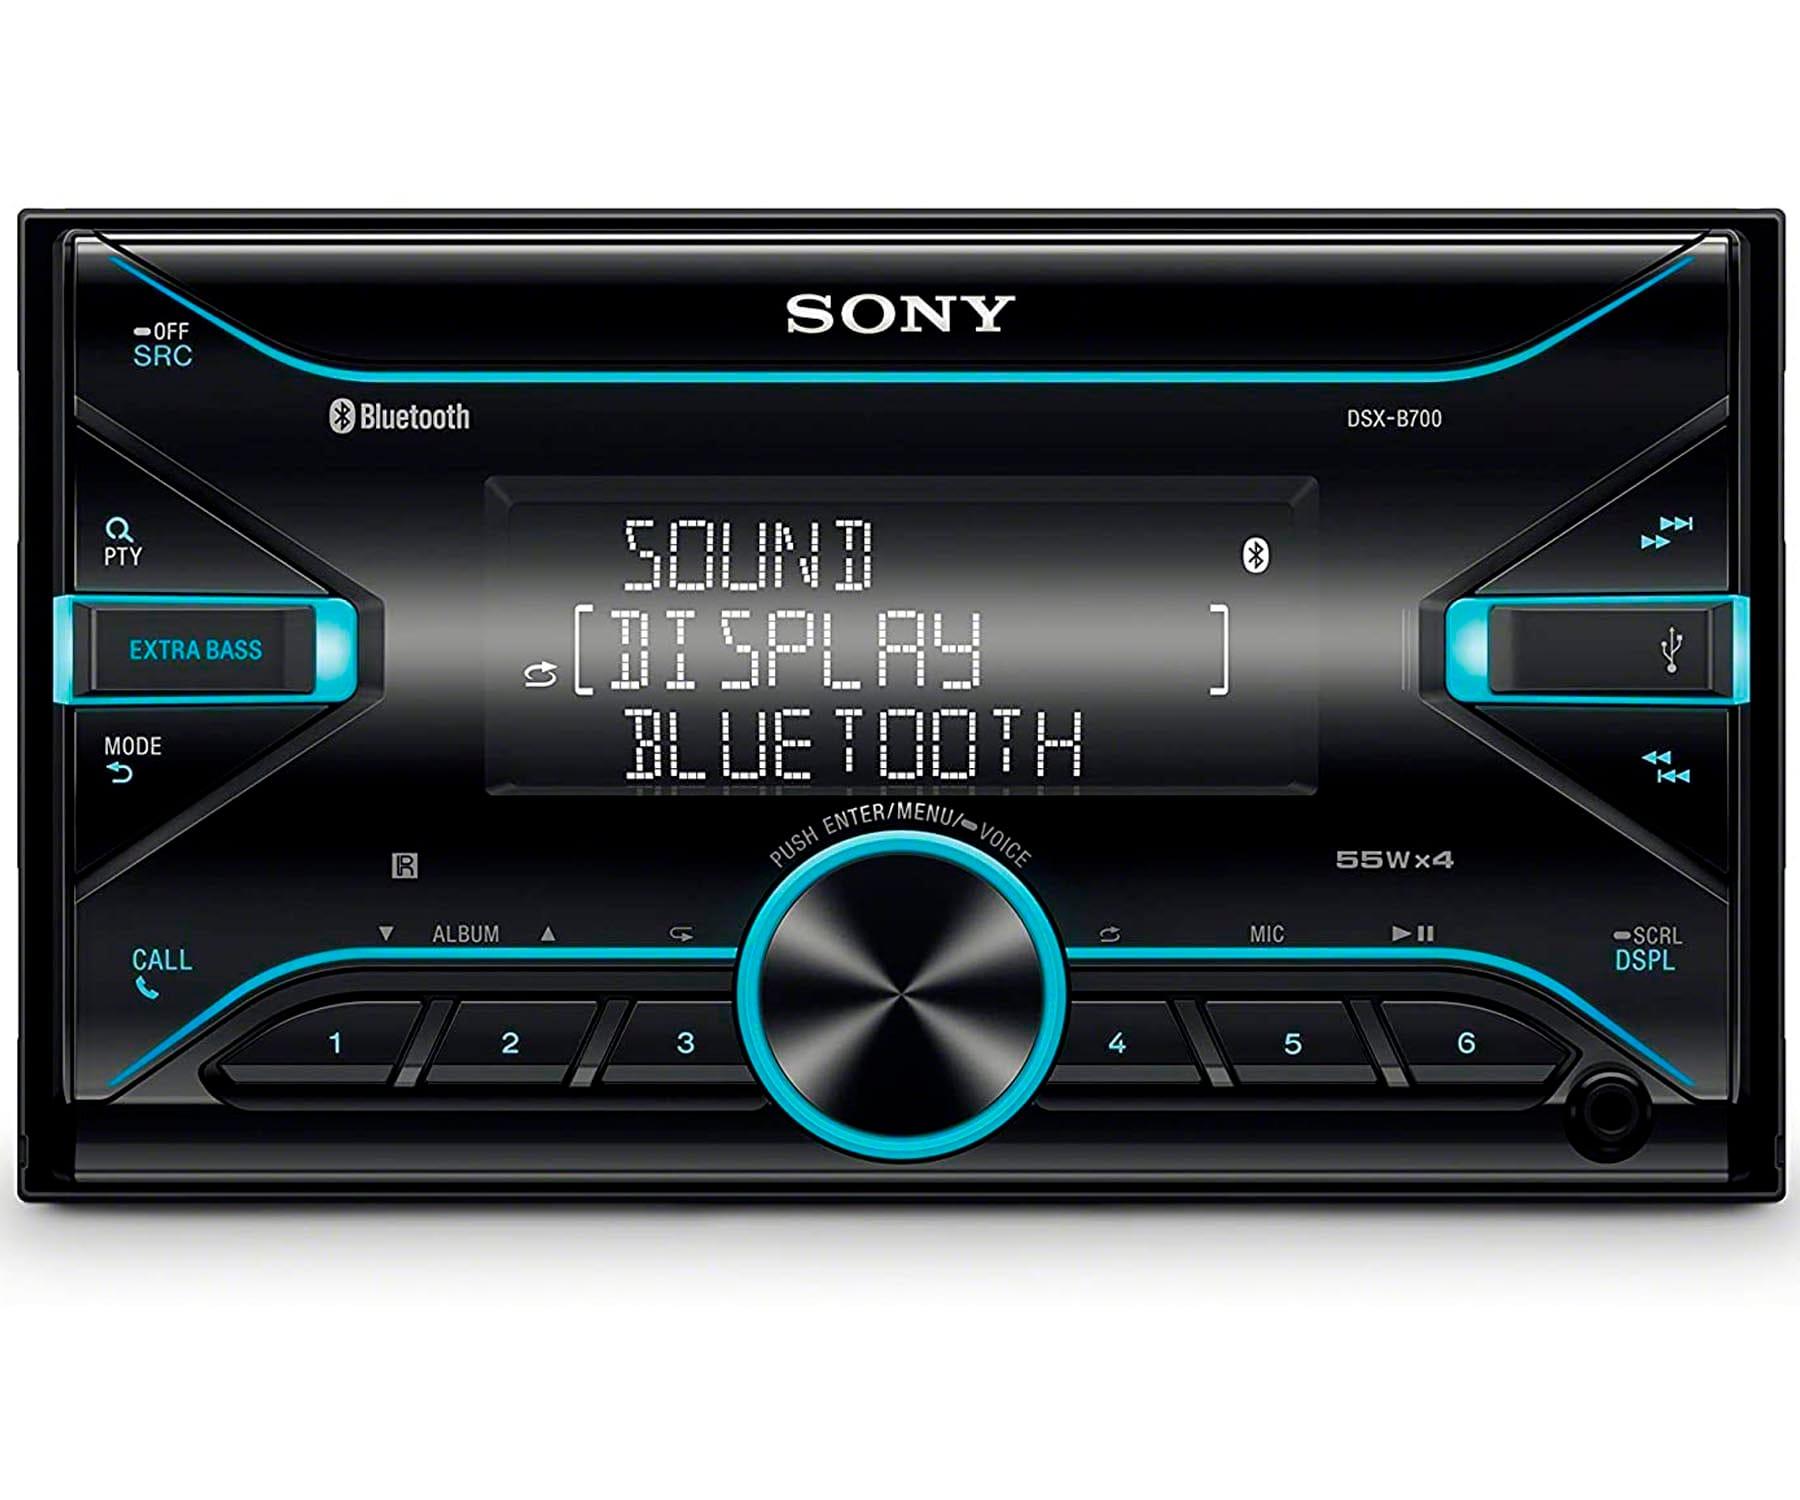 SONY DSX-B710D RECEPTOR MULTIMEDIA DIN DOBLE BLUETOOTH 4x55W PARA EL COCHE CON CONTROL POR VOZ EXTRABASS USB AUX